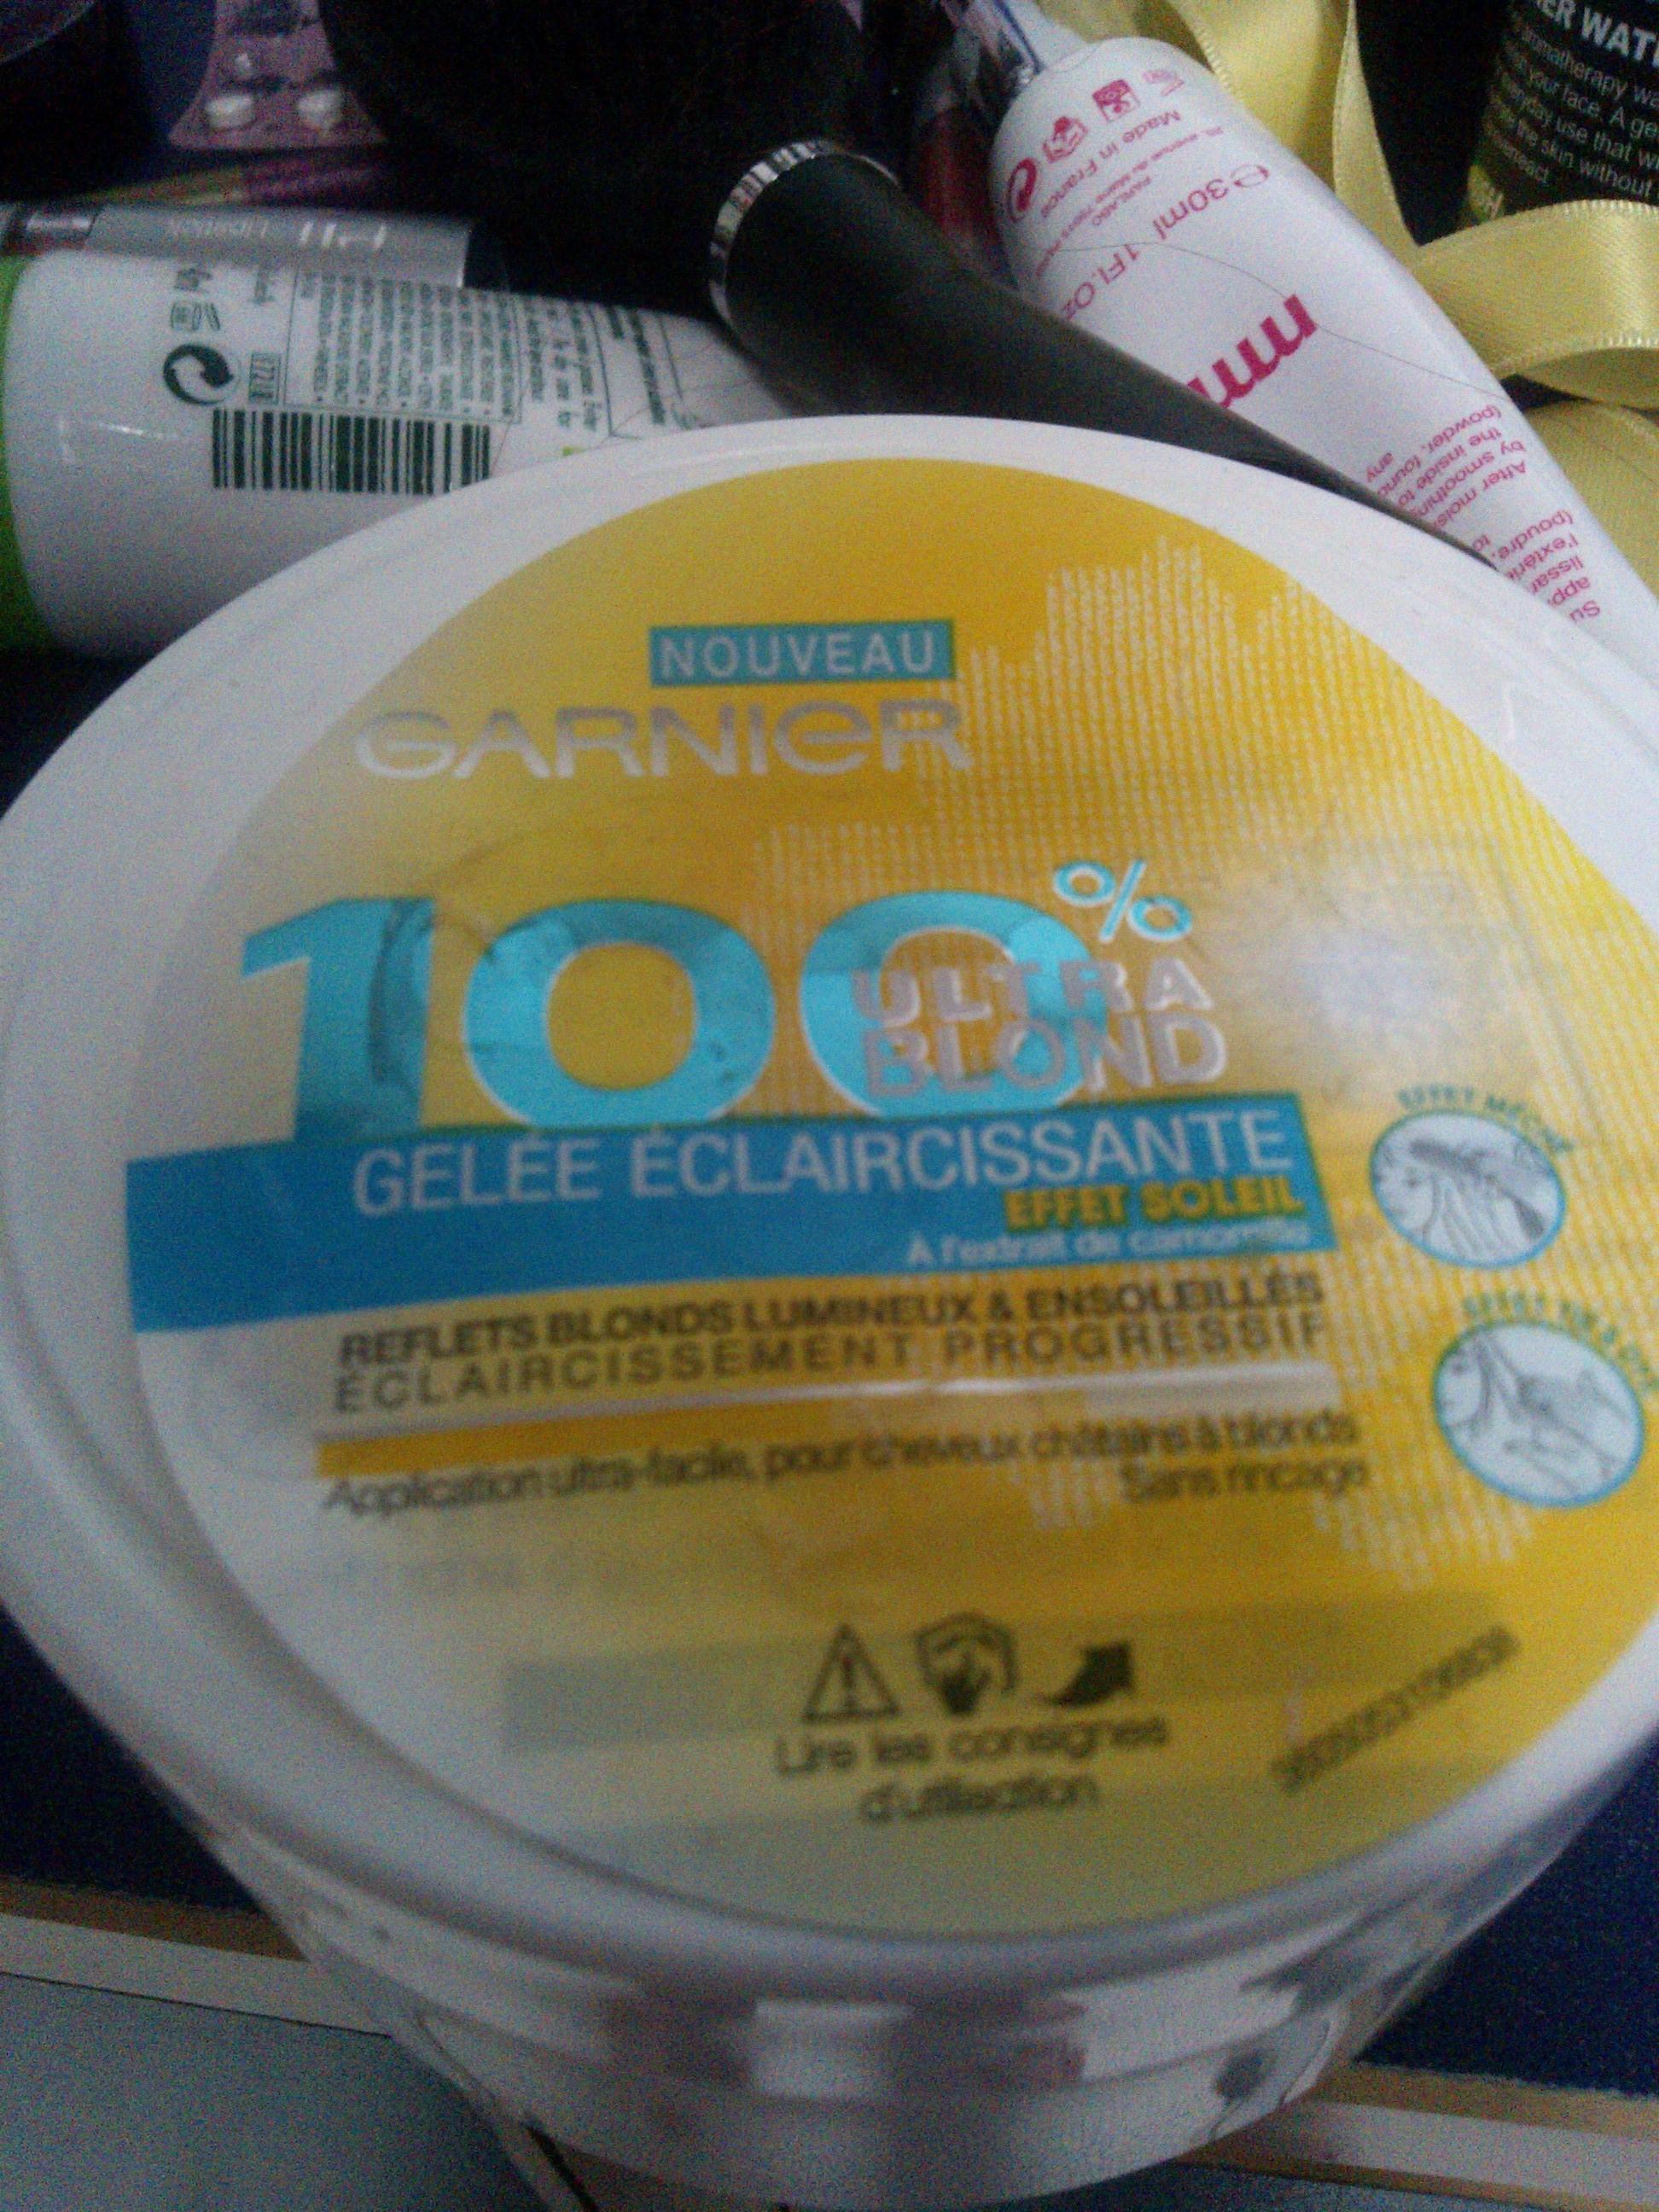 gele claircissante 100 blond de garnier - Super Eclaircissant Sur Cheveux Colores